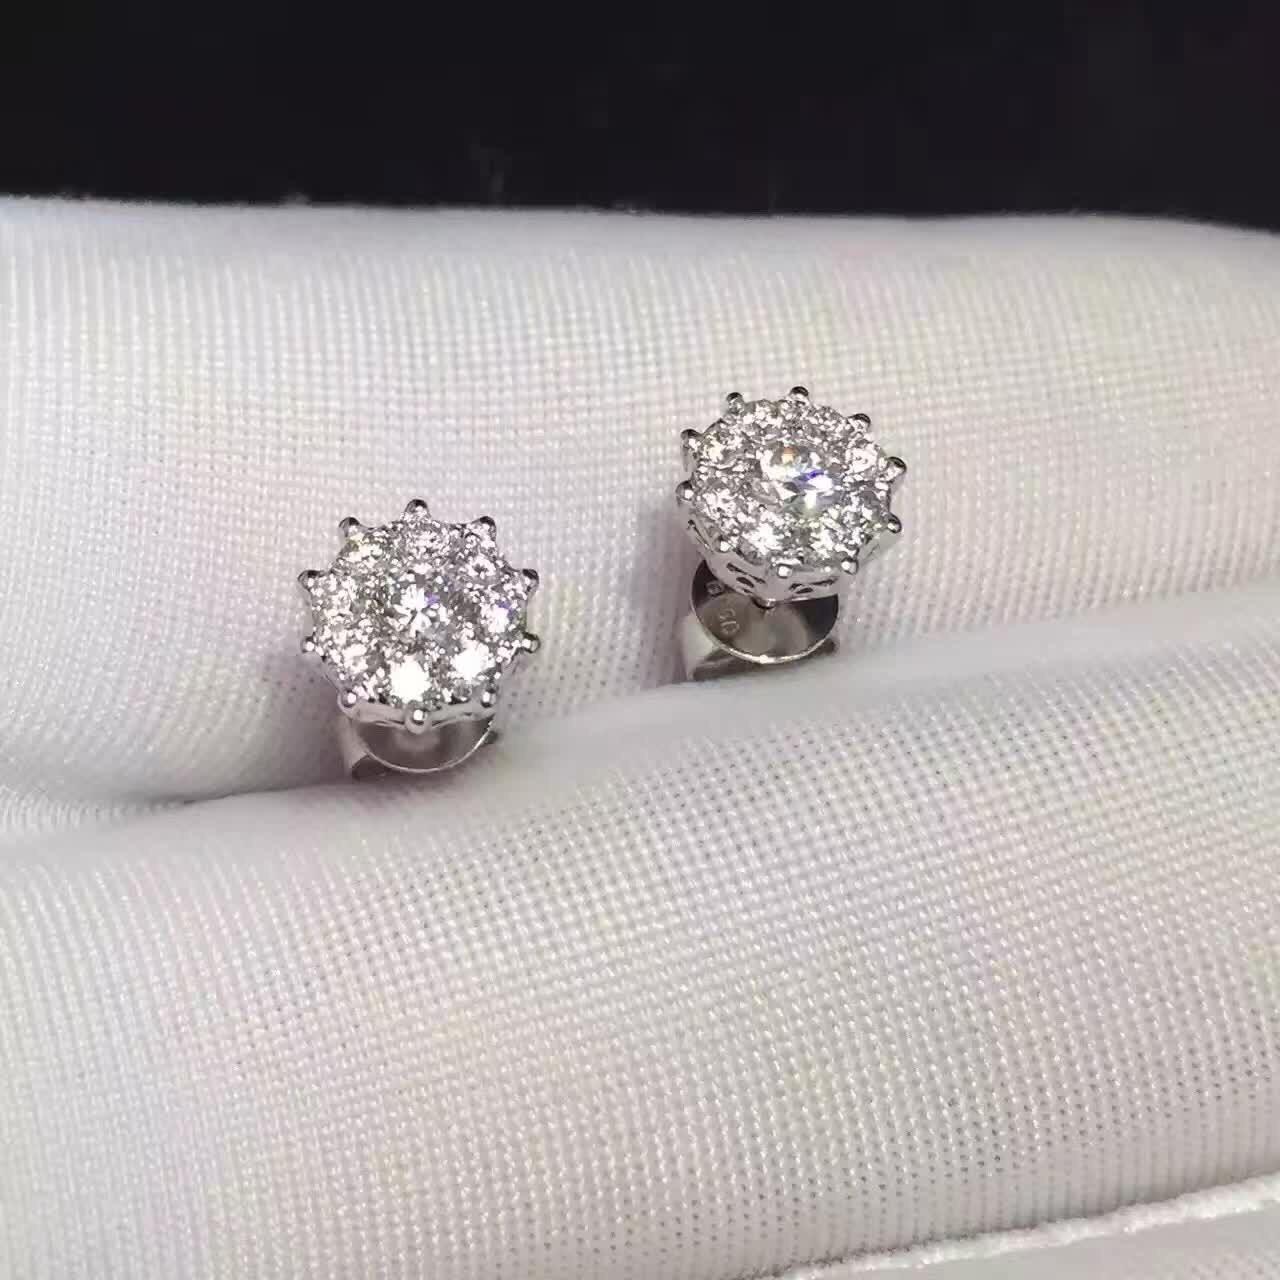 Завод сертифицирован 18k Solid белого золота с бриллиантами Восемь объемного один алмазный стержень уха ювелирных изделий для ювелирных изделий женщин серьги оптовой